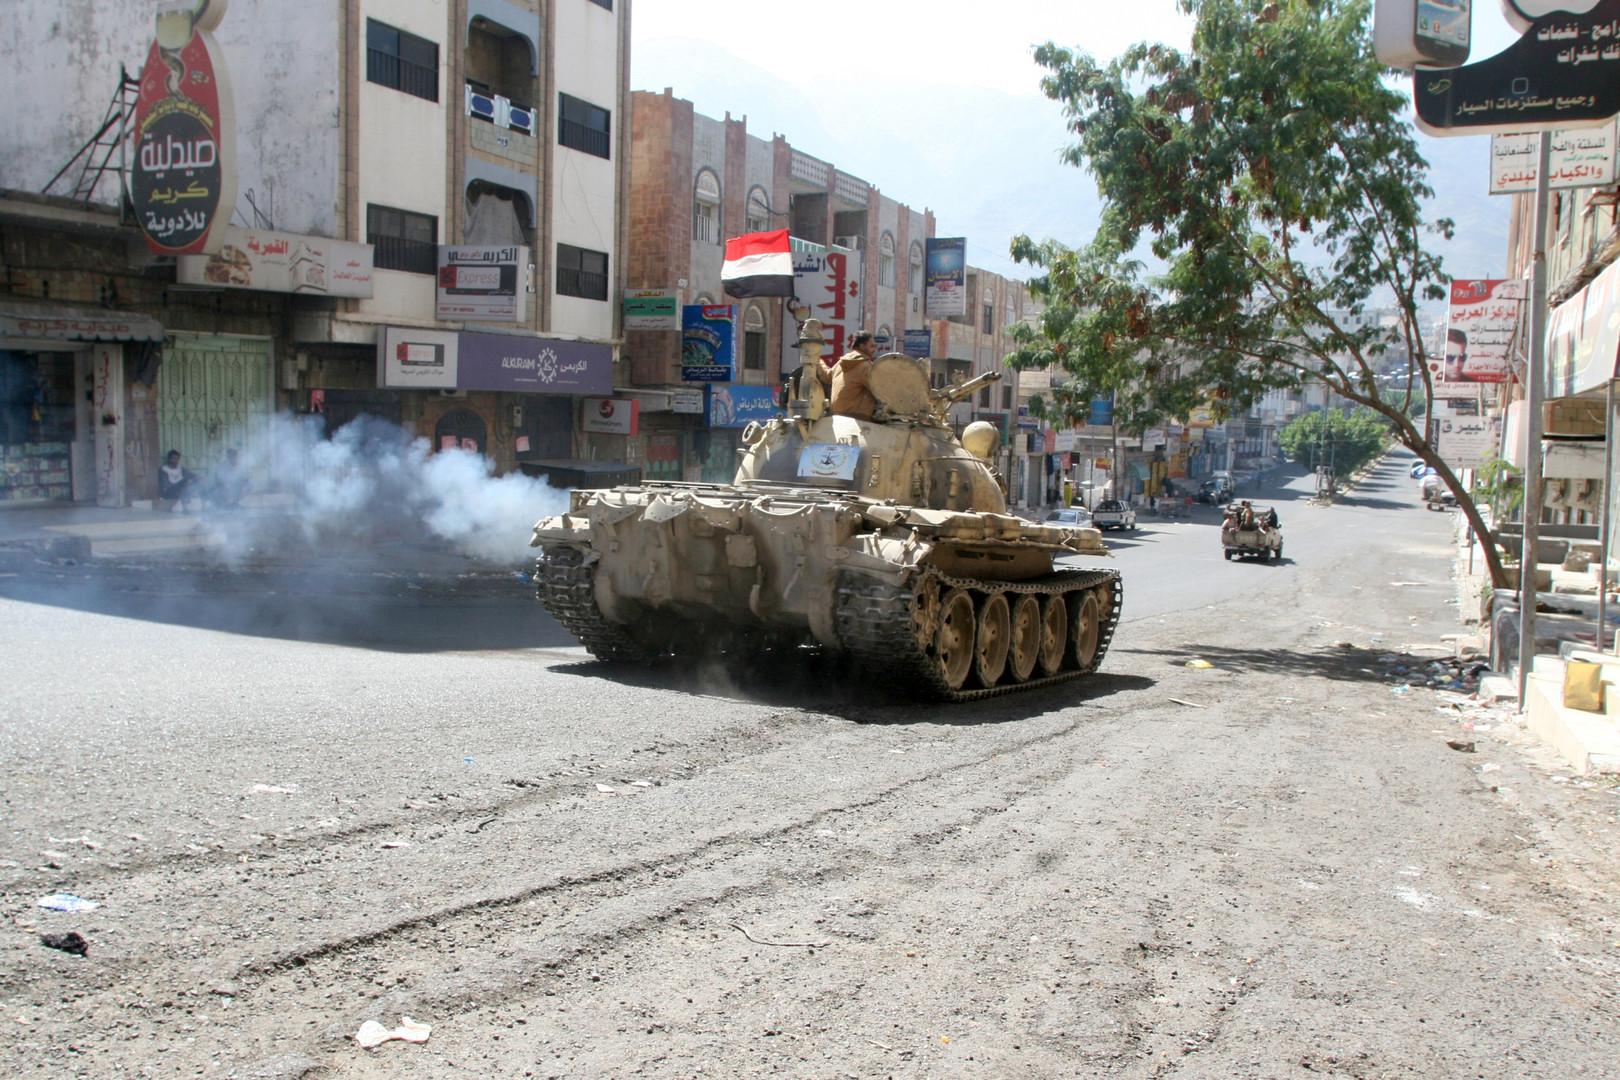 اليمن.. قوات هادي تعلن إحراز تقدم واستعادة منطقة استراتيجية من الحوثيين في الضالع